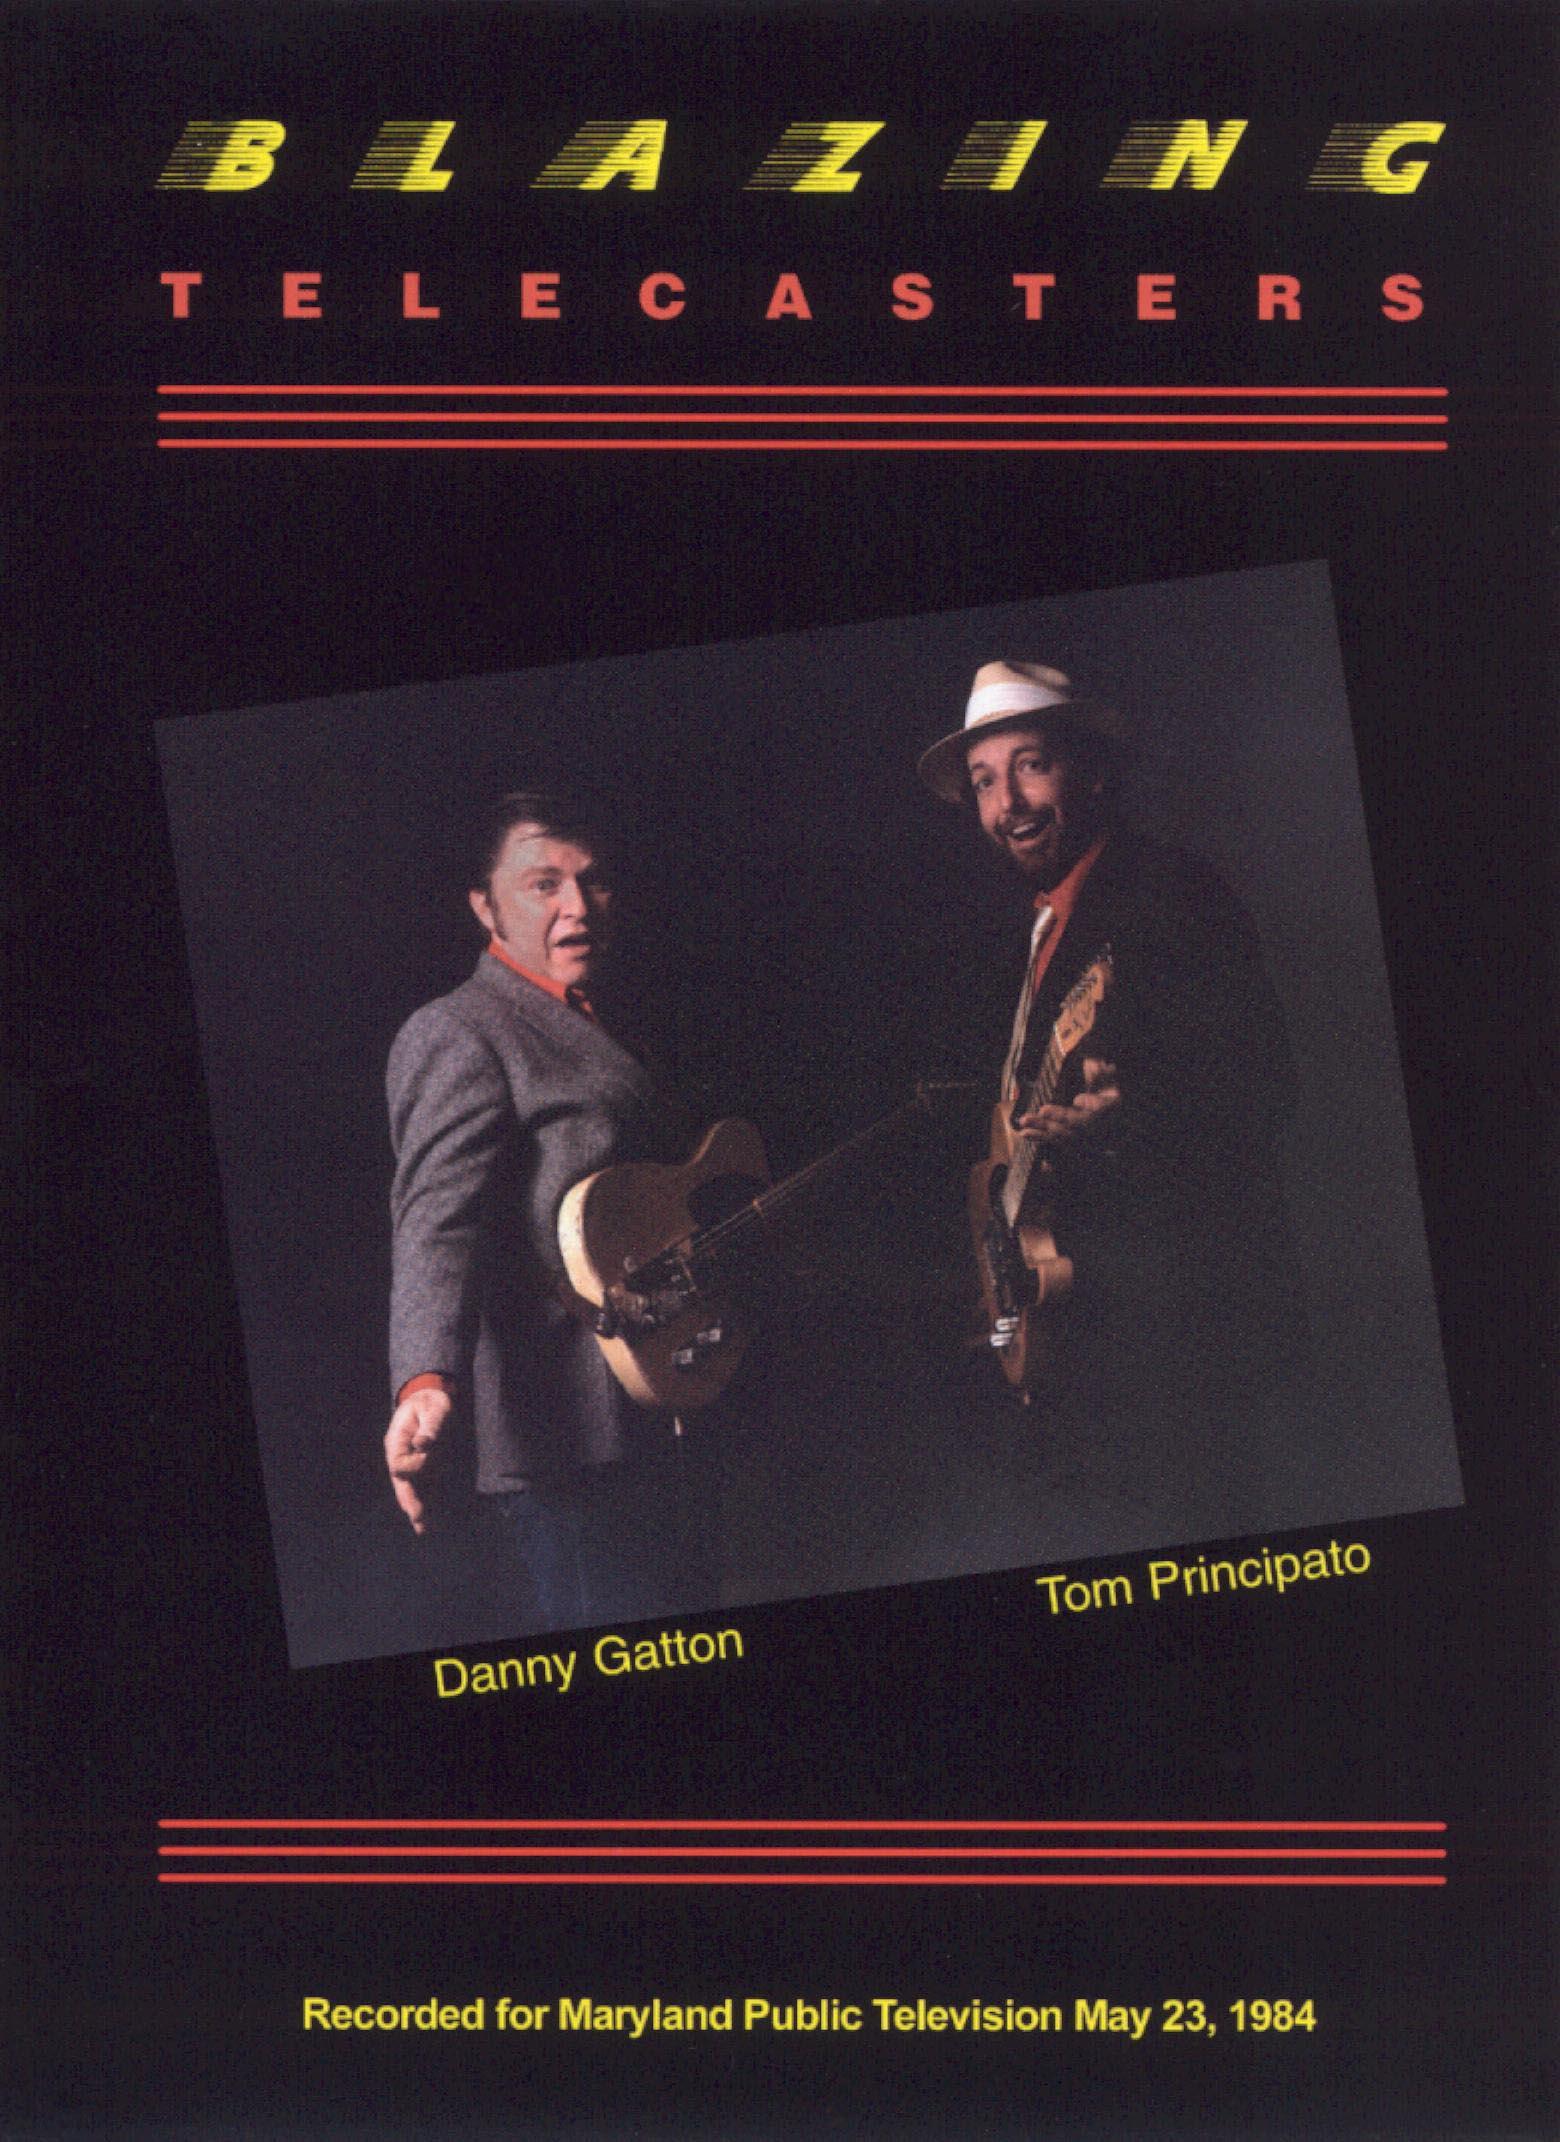 Tom Principato and Danny Gatton: Blazing Telecasters